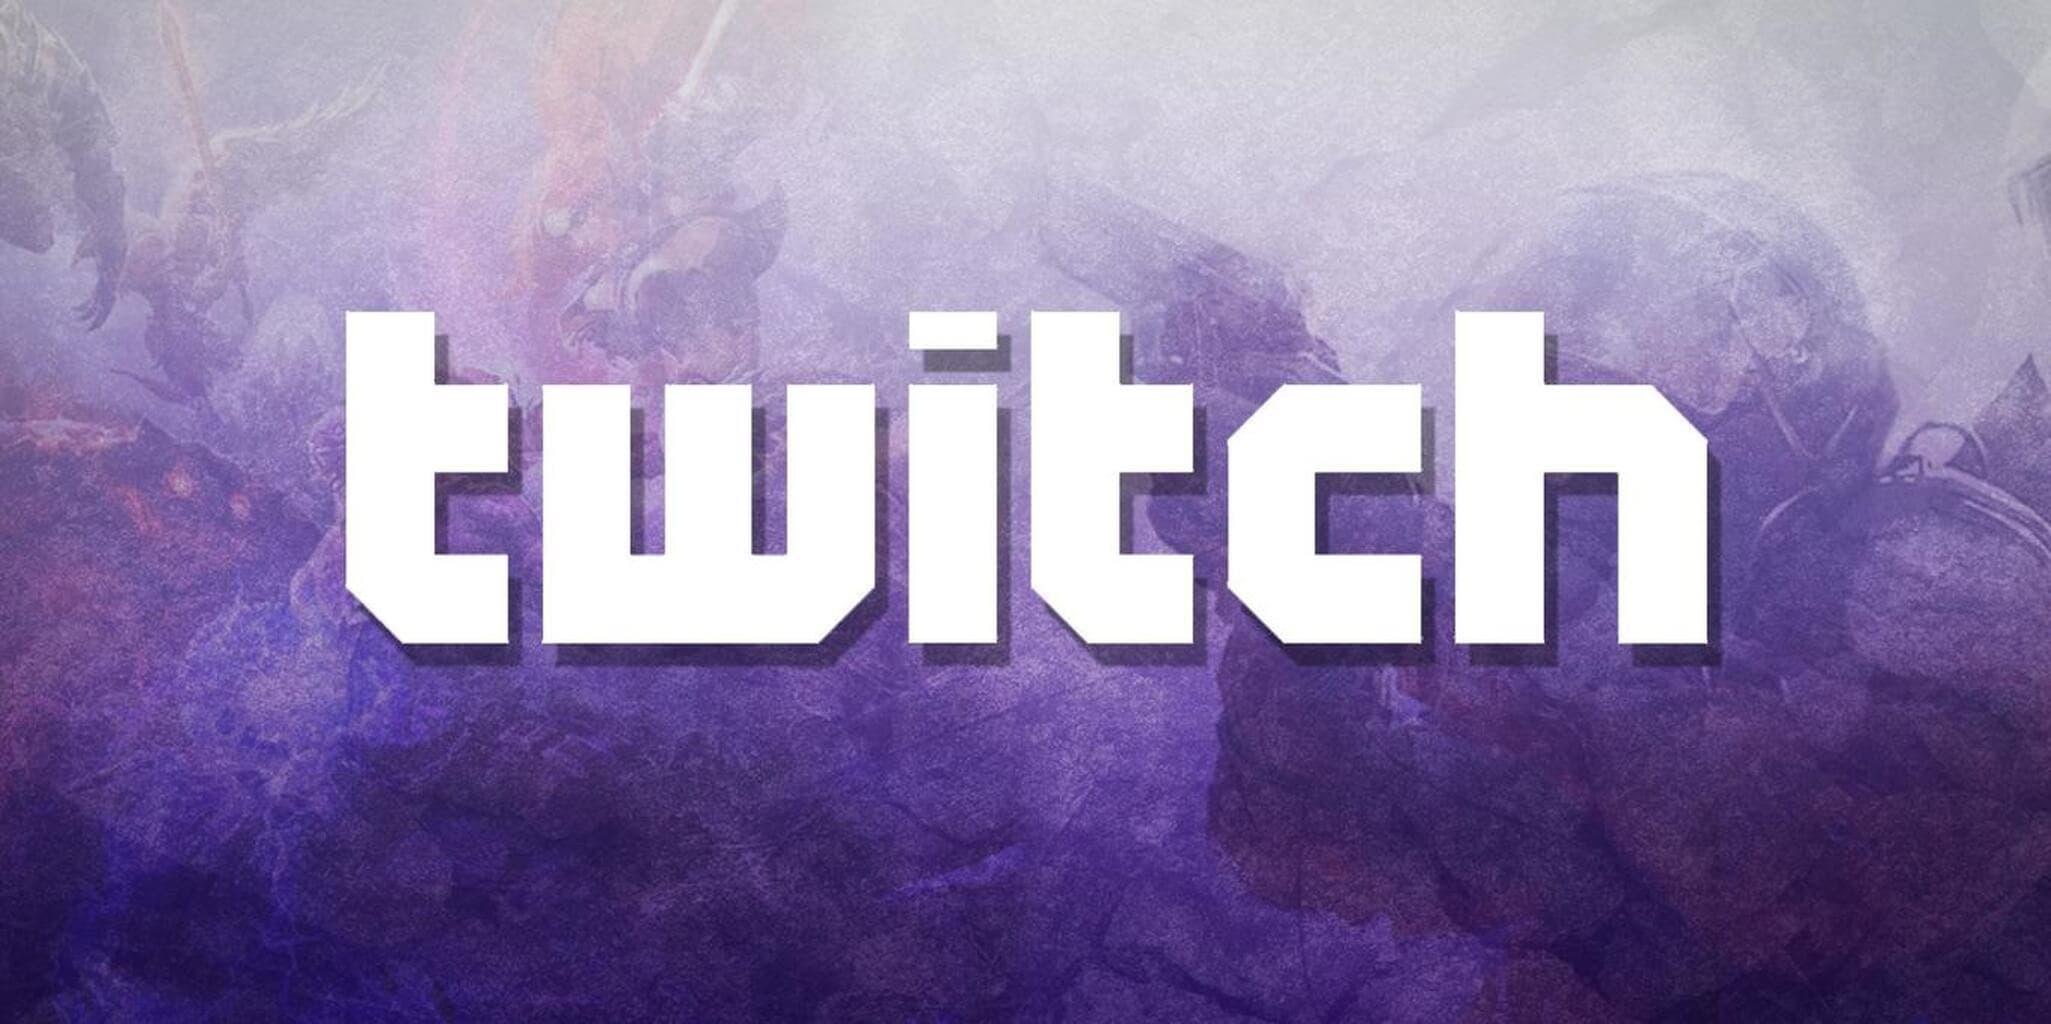 Un hacker anónimo filtra el código fuente de Twitch y los pagos que reciben muchos streamers 4